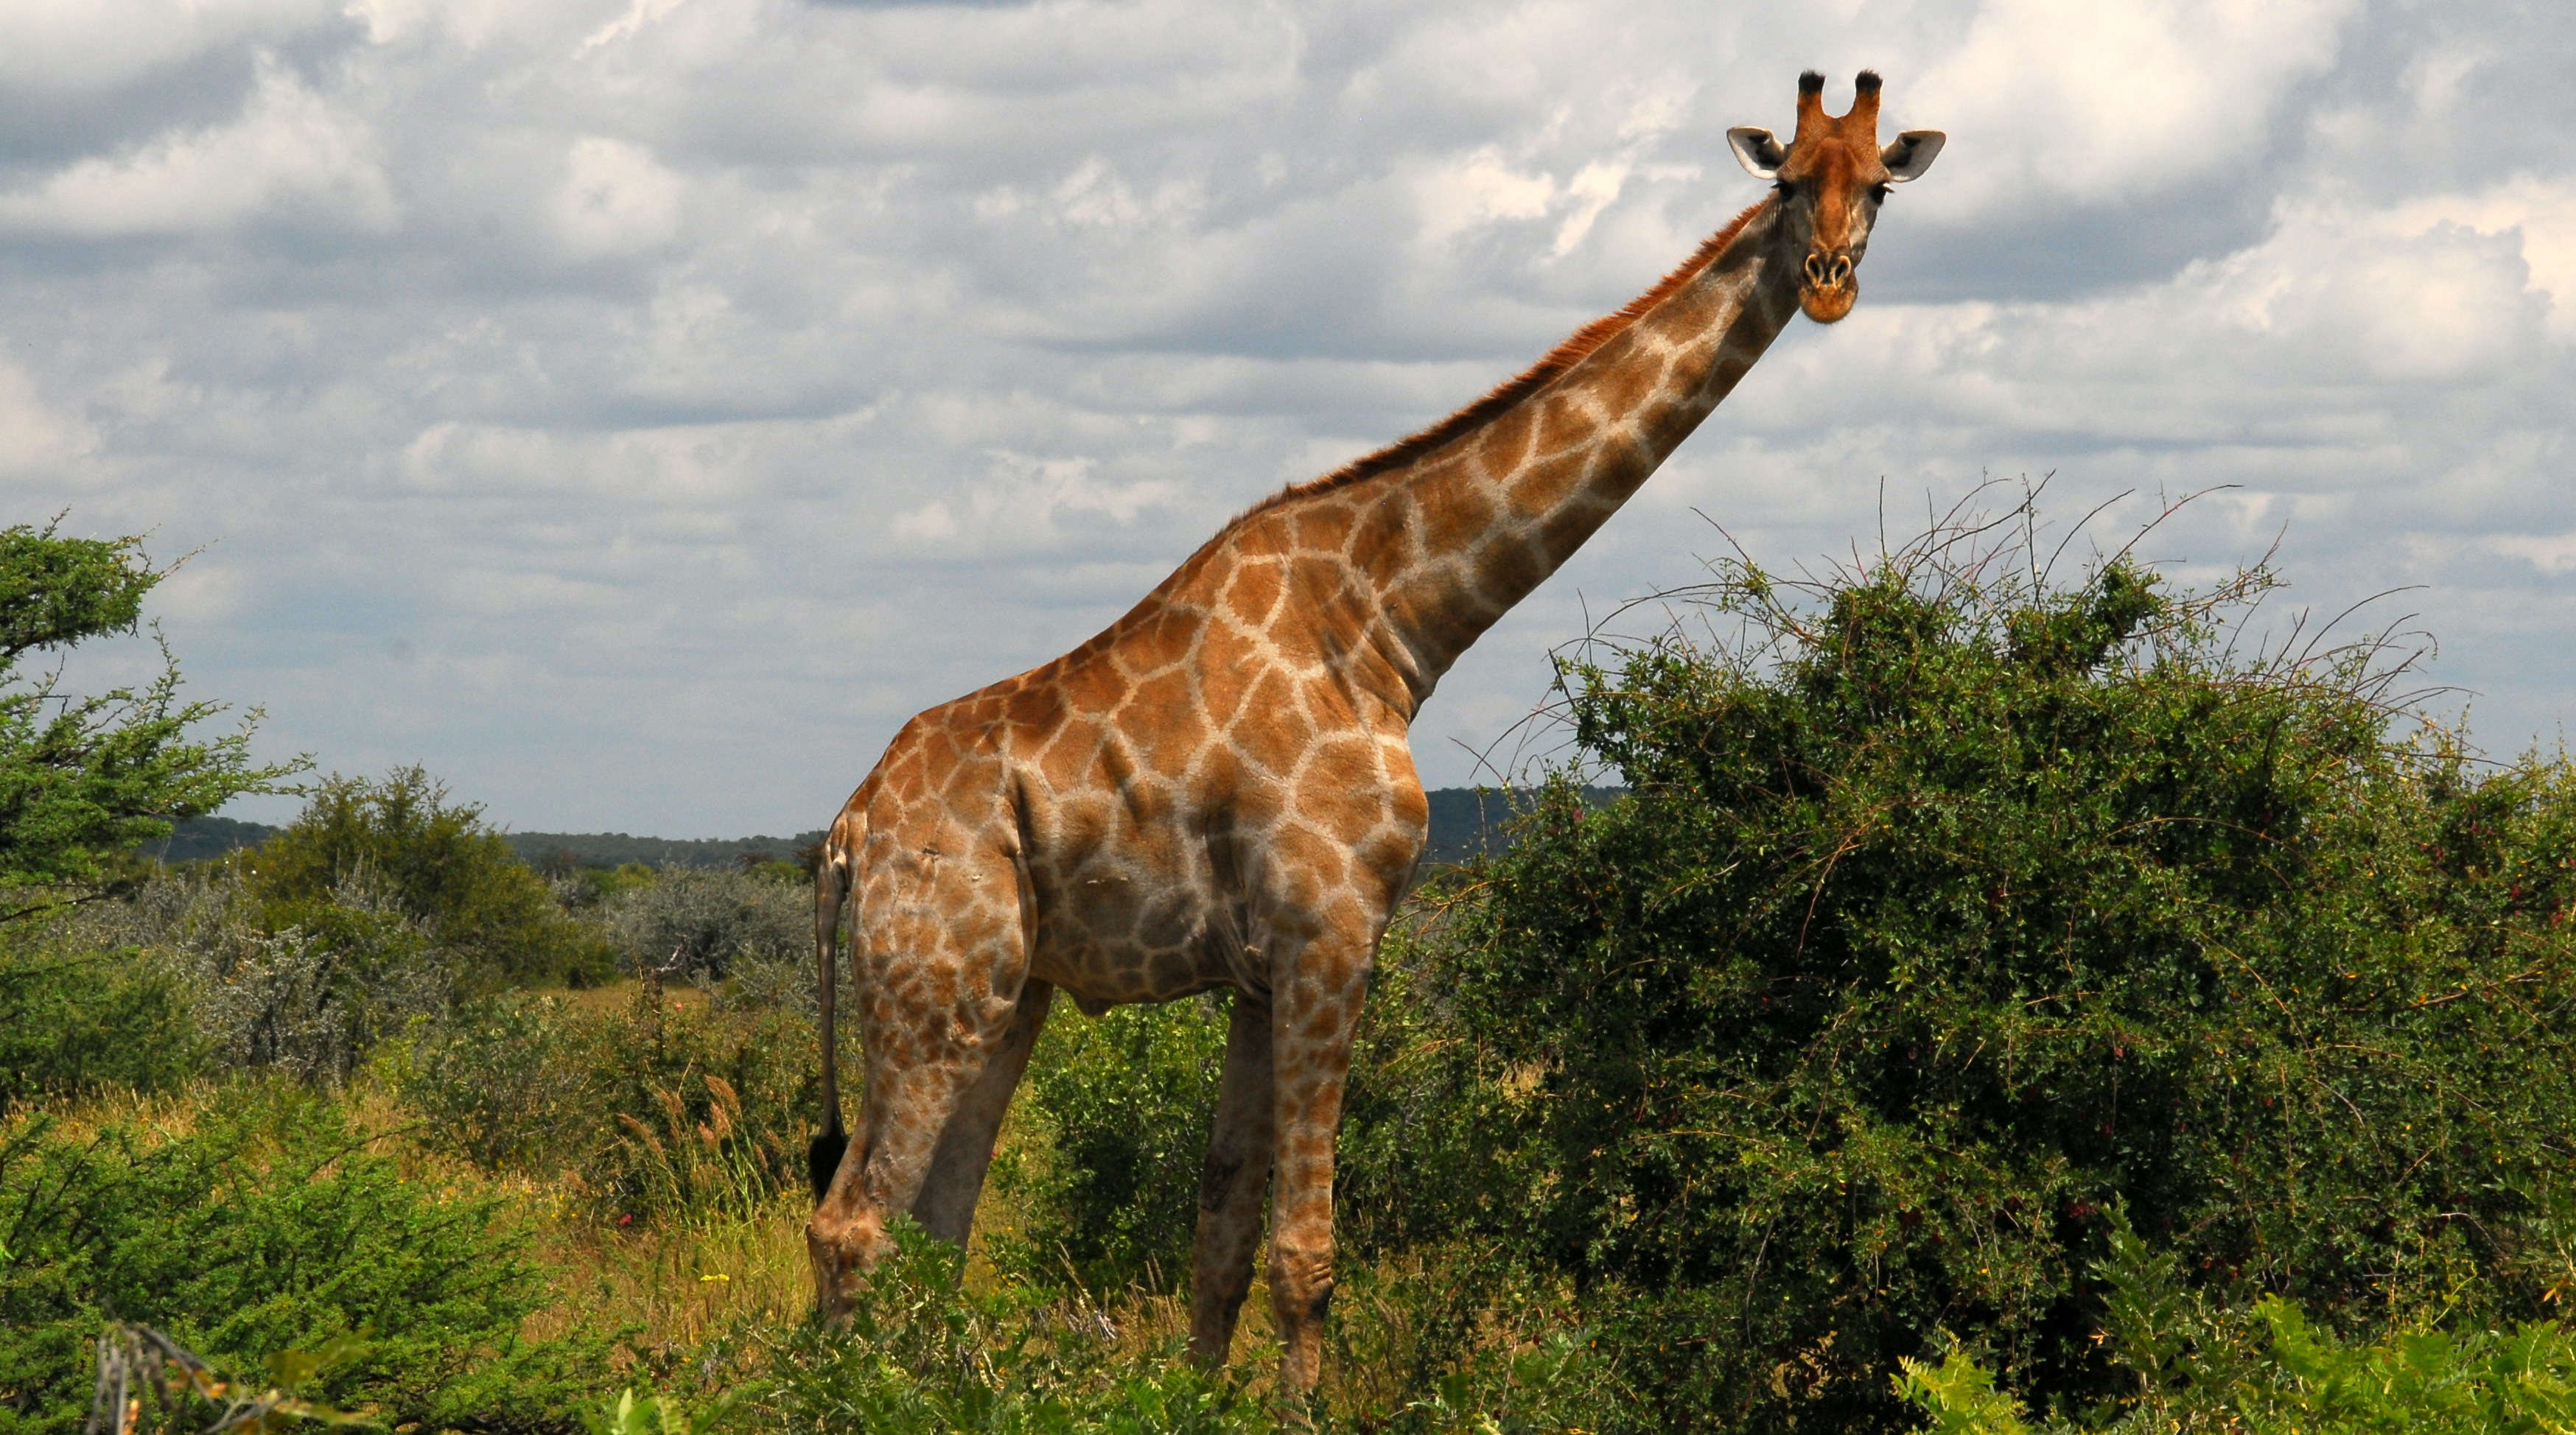 Pierwszymi zwierzętami na jakie możemy natknąć sie w Parku Narodowy Etosza są doskonale widoczne żyrafy. Fot. Piotr Grzybowski